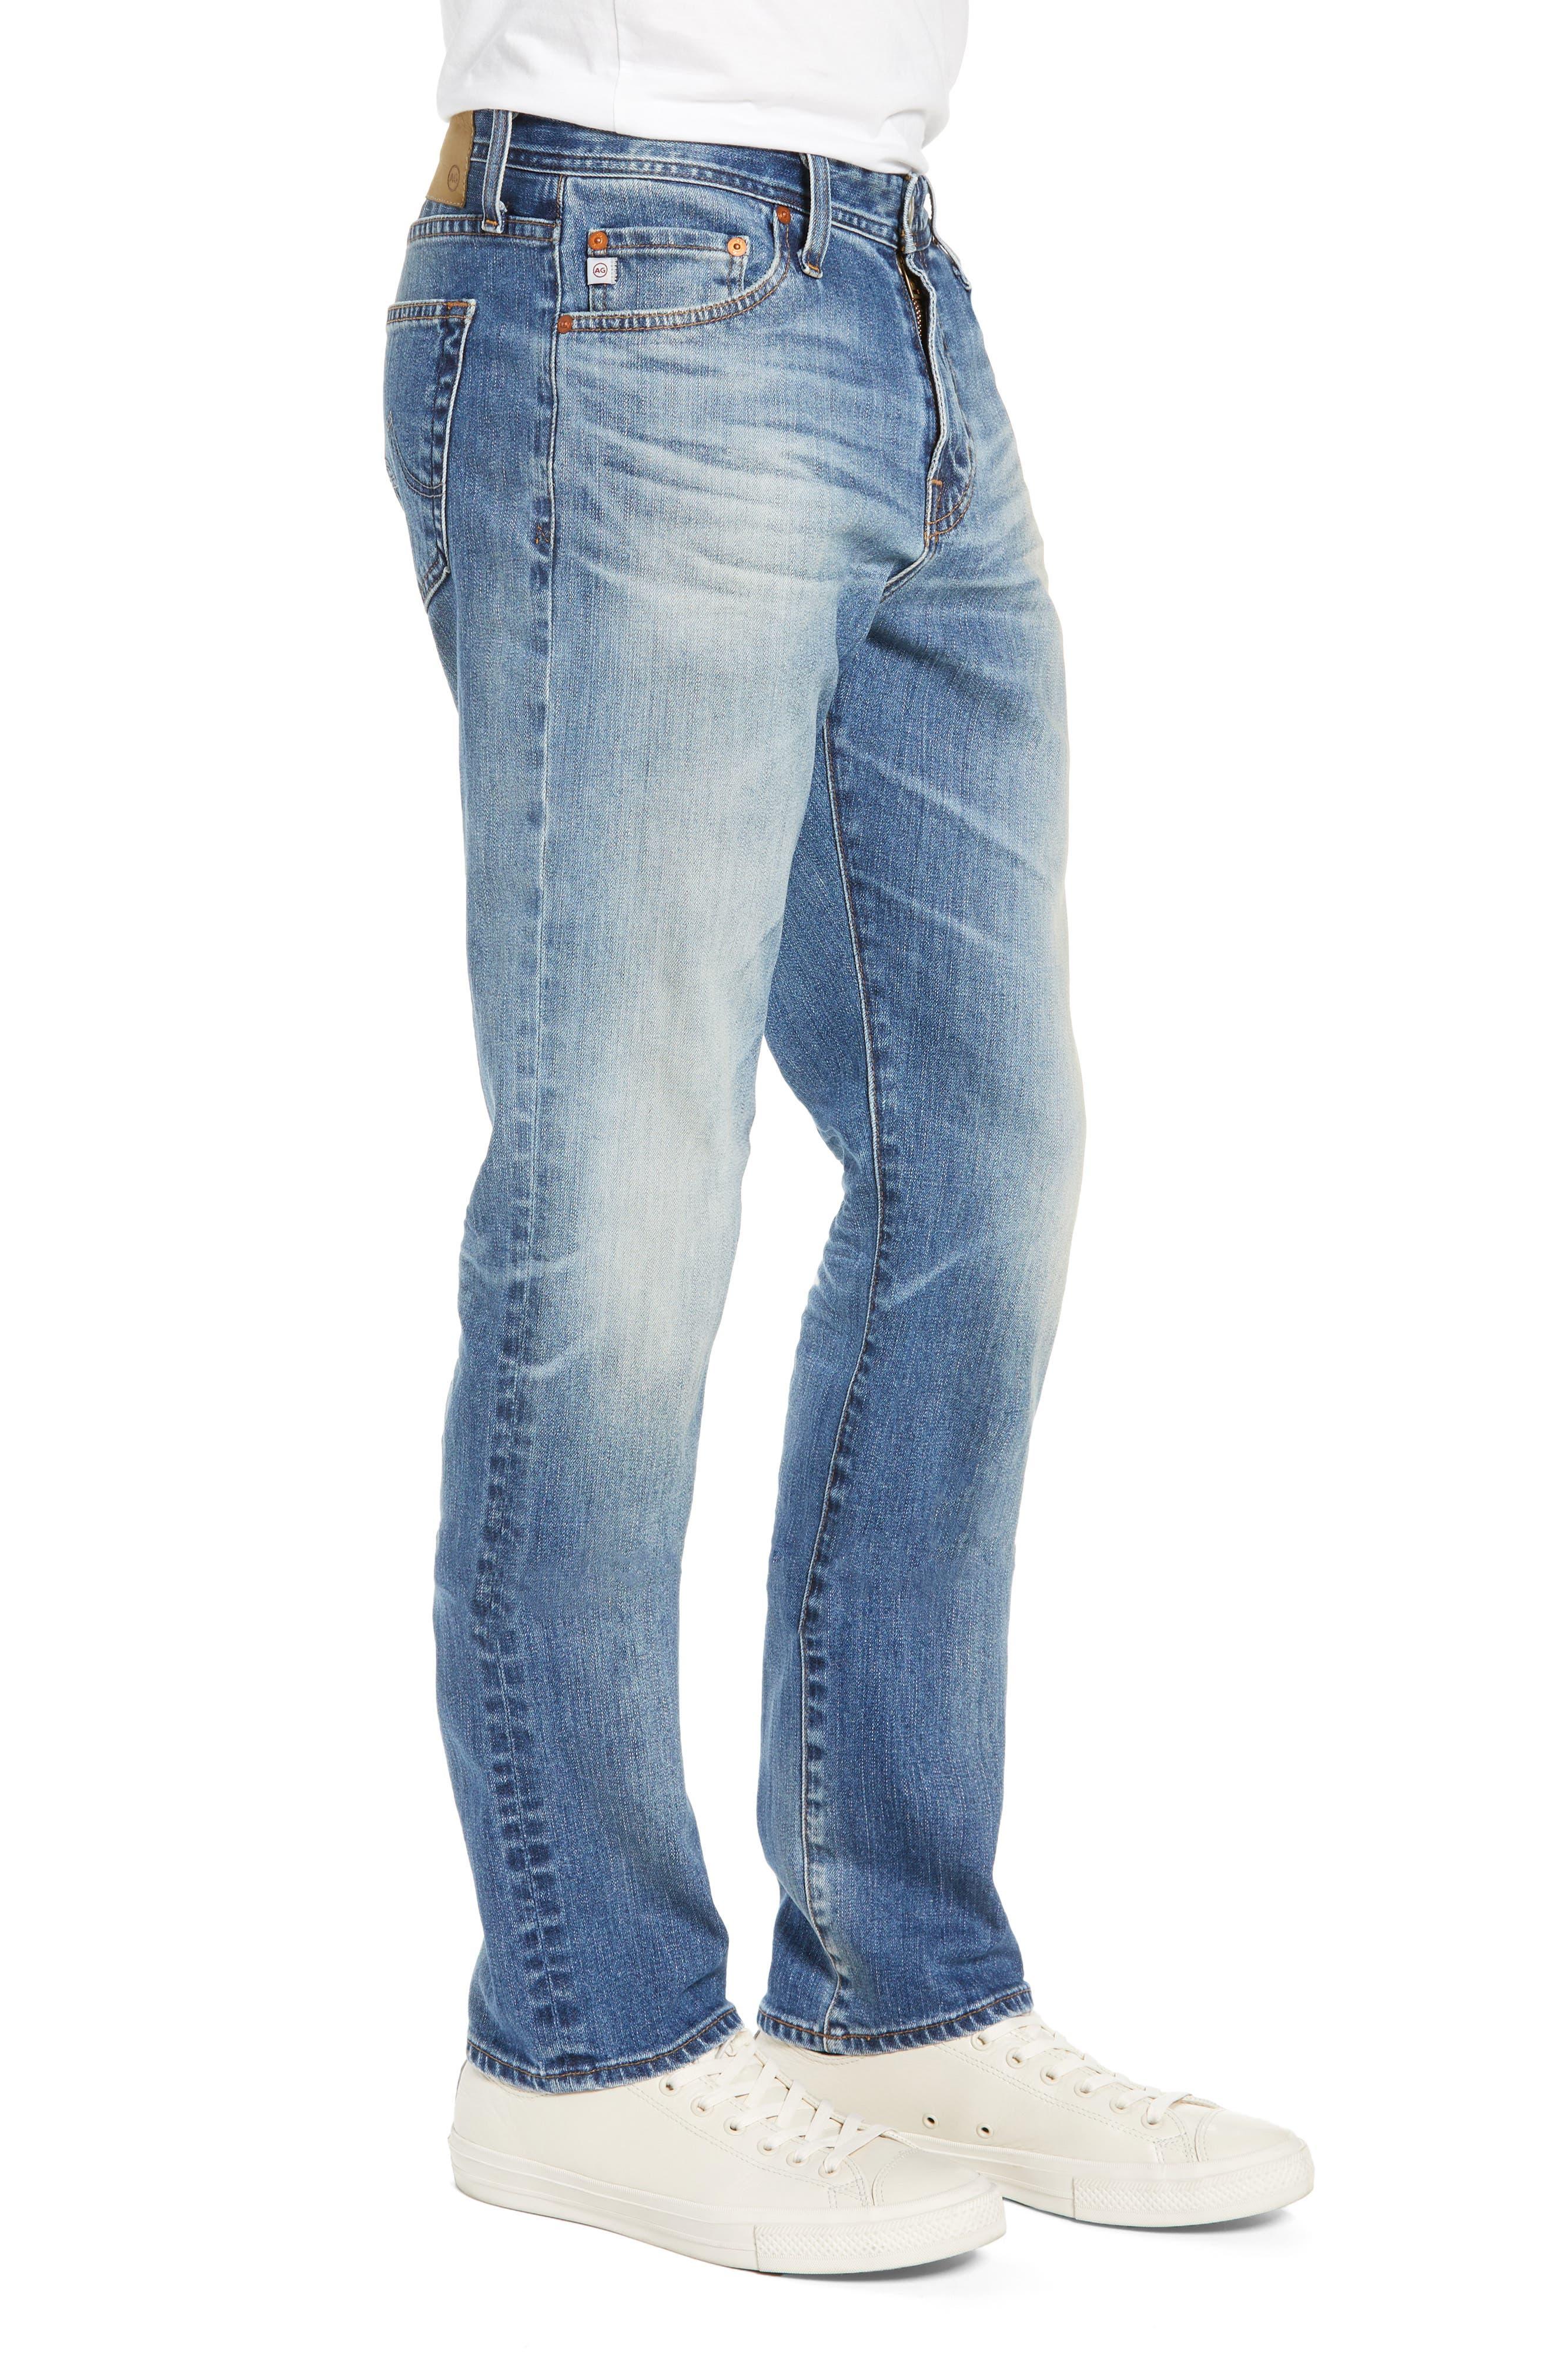 Everett Slim Straight Leg Jeans,                             Alternate thumbnail 3, color,                             21 YEARS SEIZE